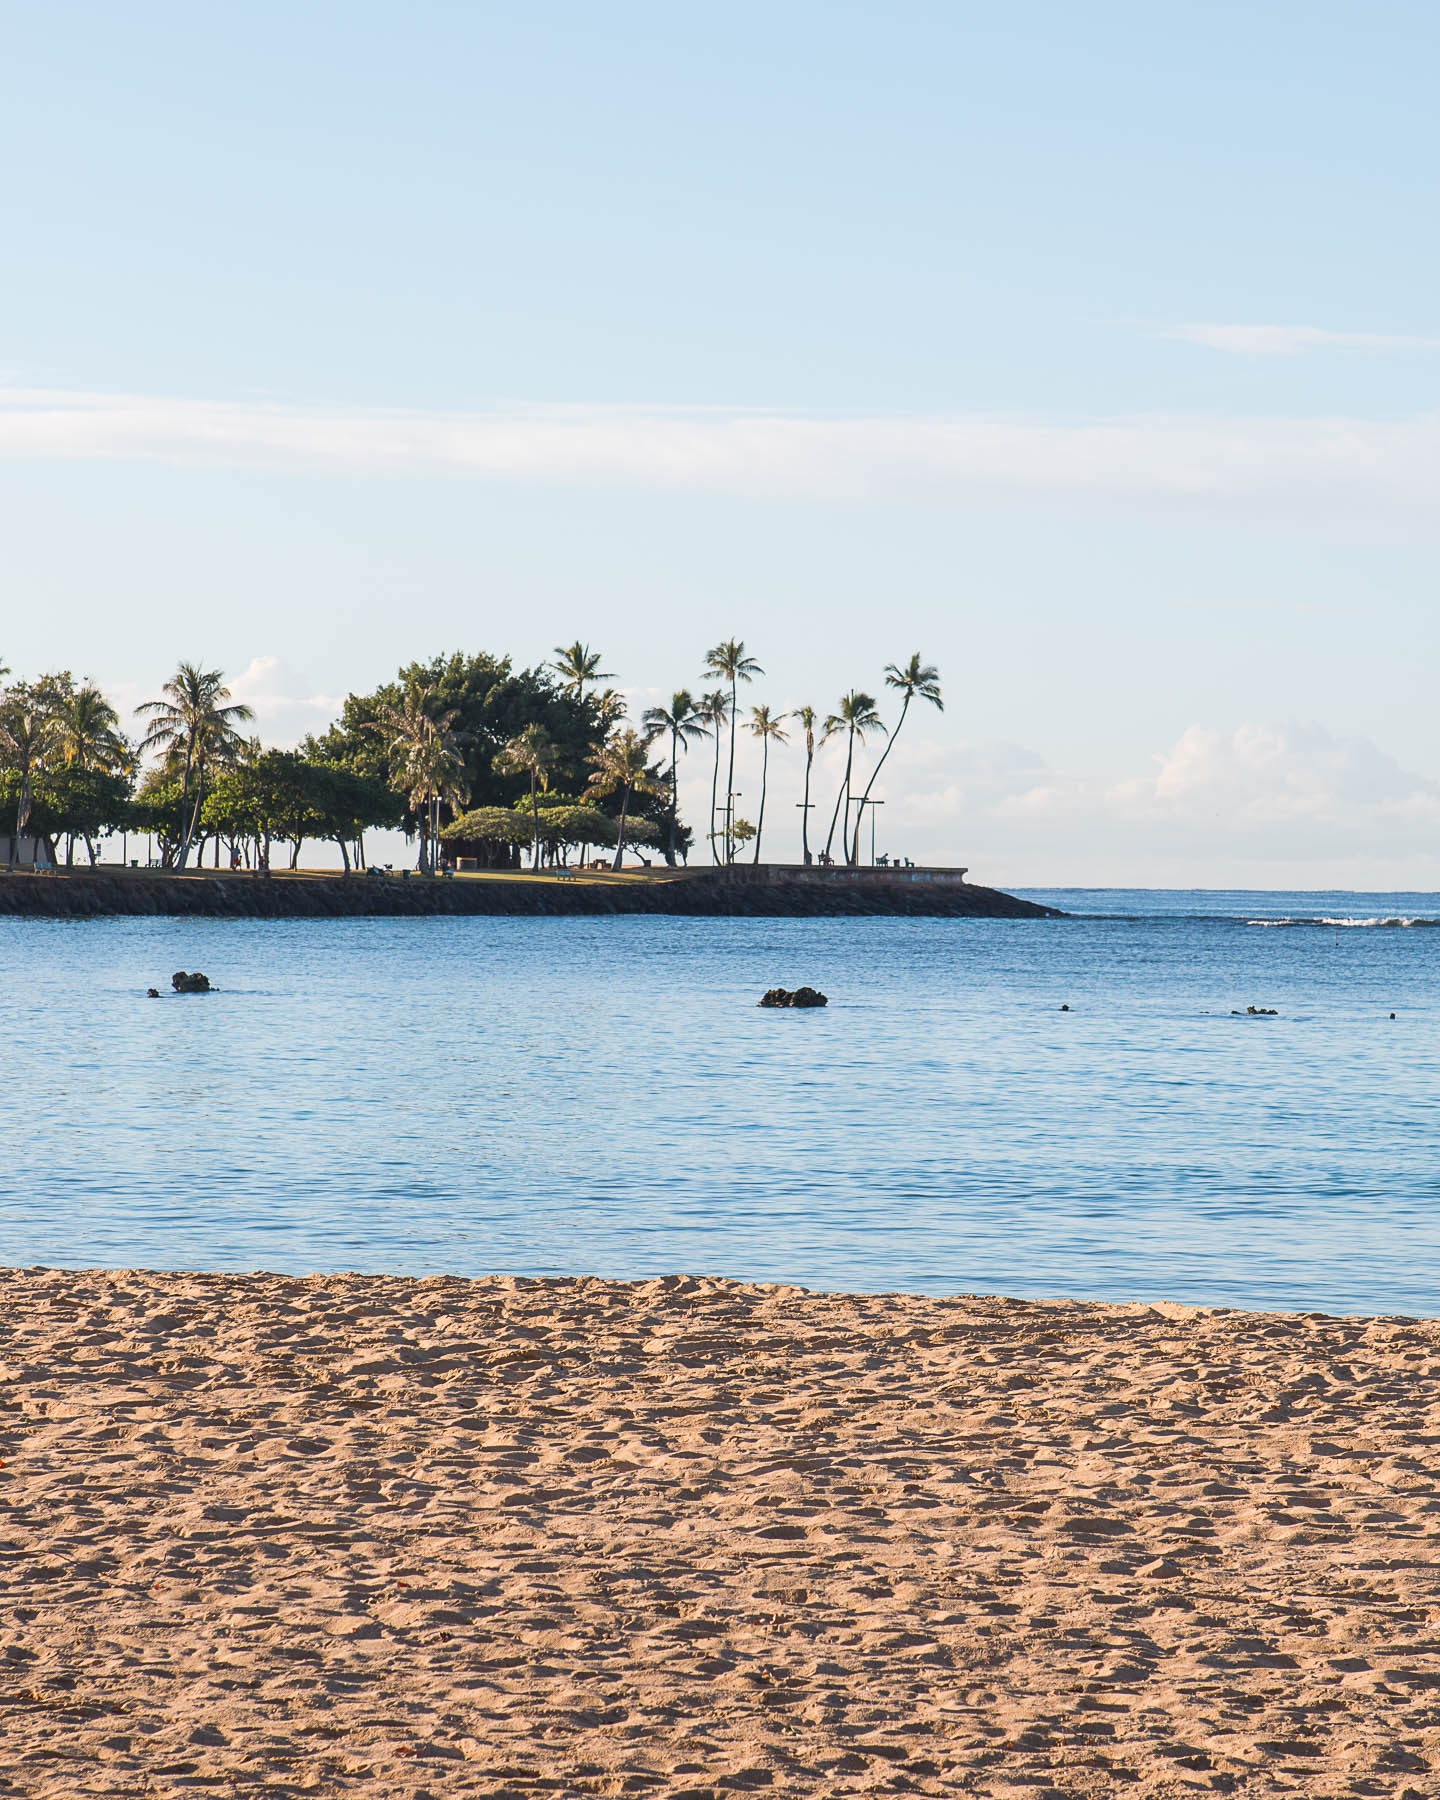 hawaii-dec-2017-5.jpg